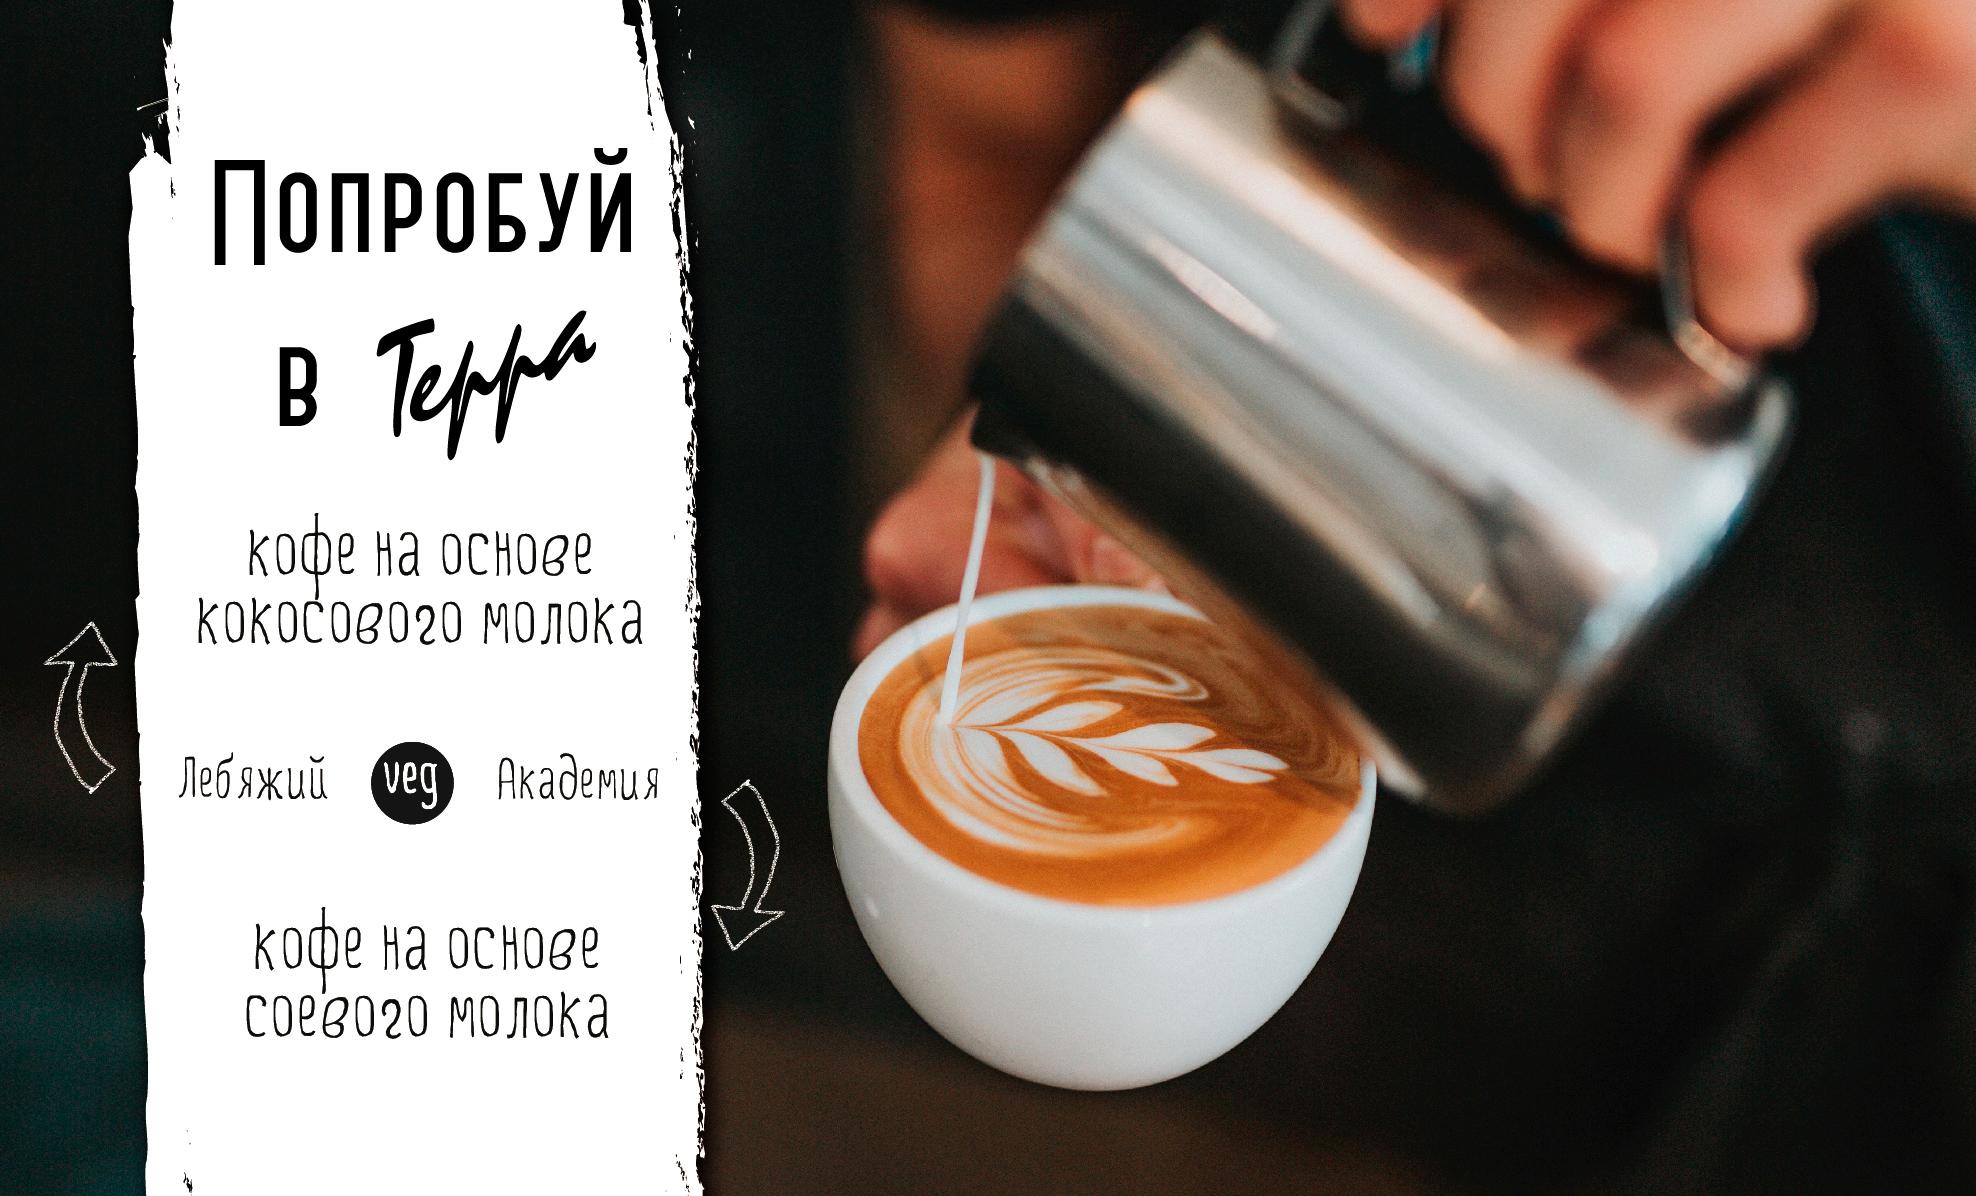 Кофе на основе соевого и  кокосового молока в Terra!